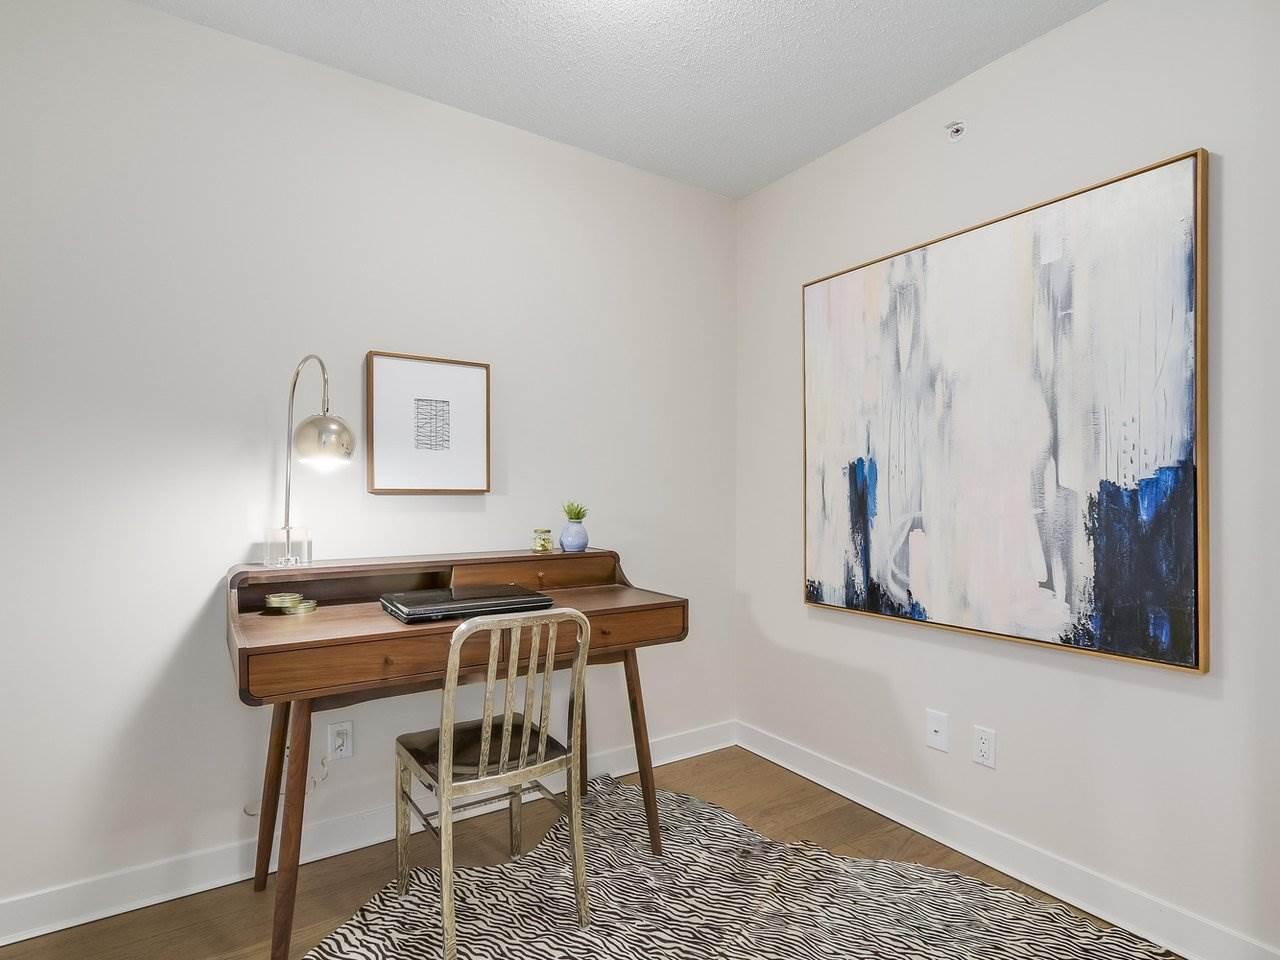 Condo Apartment at 1102 1408 STRATHMORE MEWS, Unit 1102, Vancouver West, British Columbia. Image 15